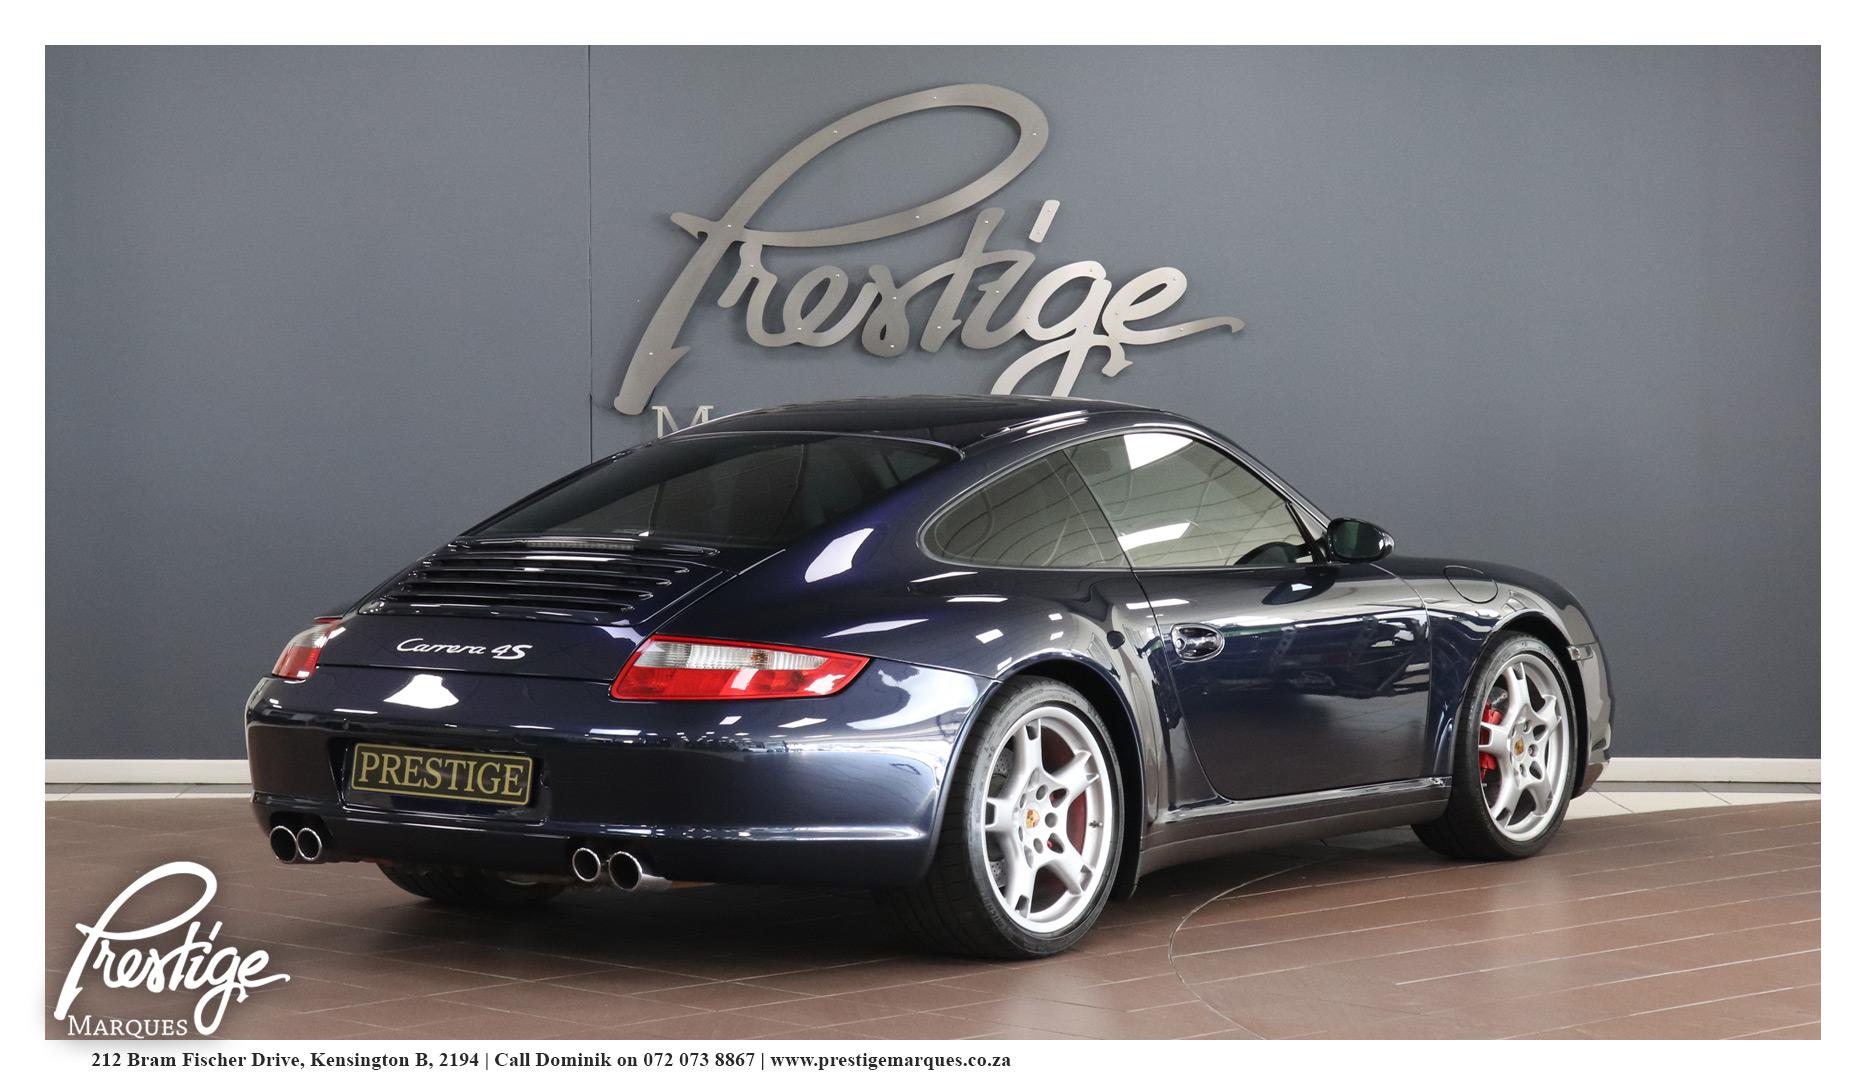 2007-Porsche-911-997-Carerra-4s-manual-prestige-marques-randburg-sandton-4